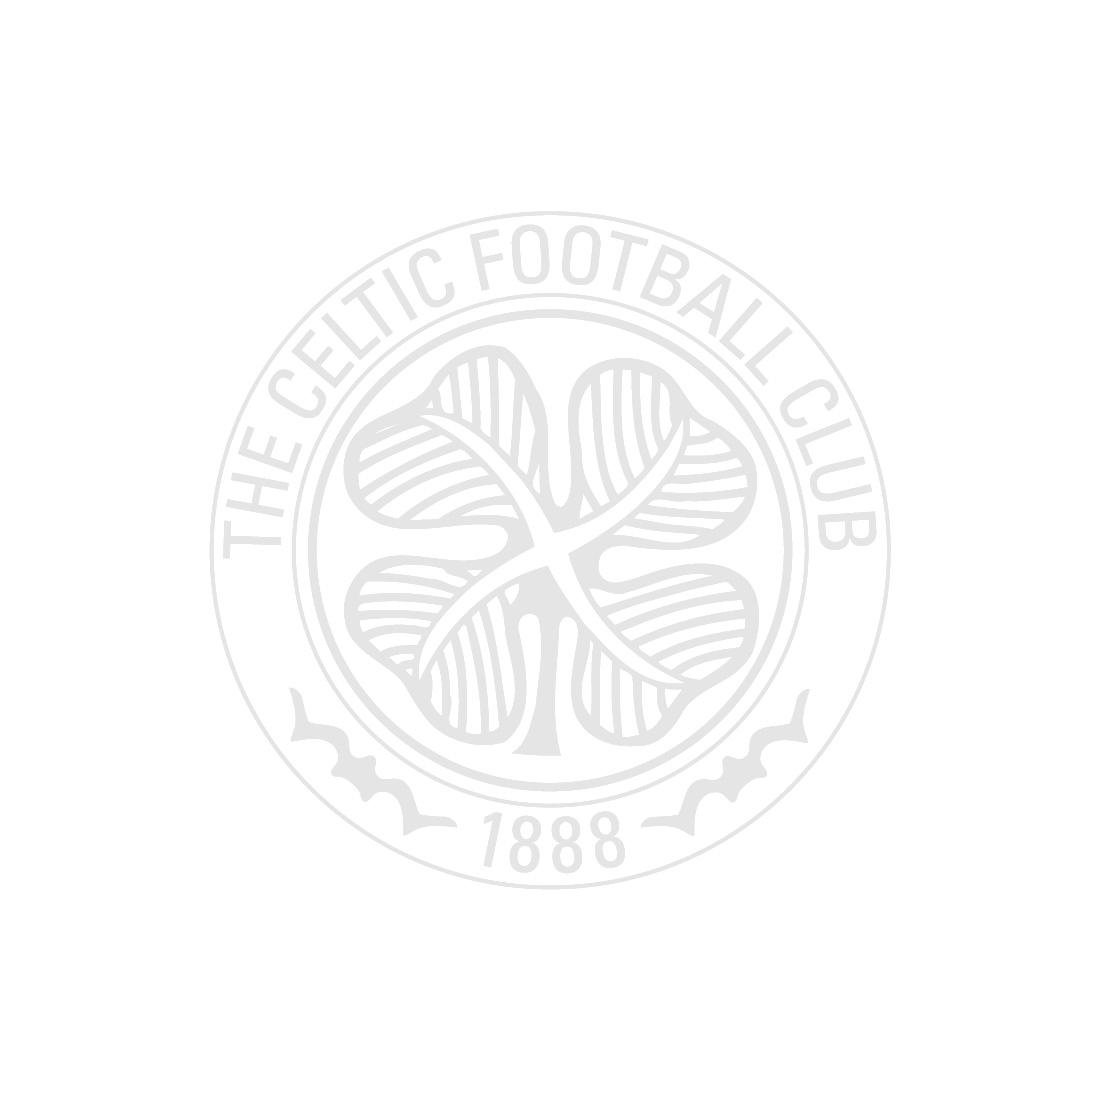 Celtic Hoopy Eekeez